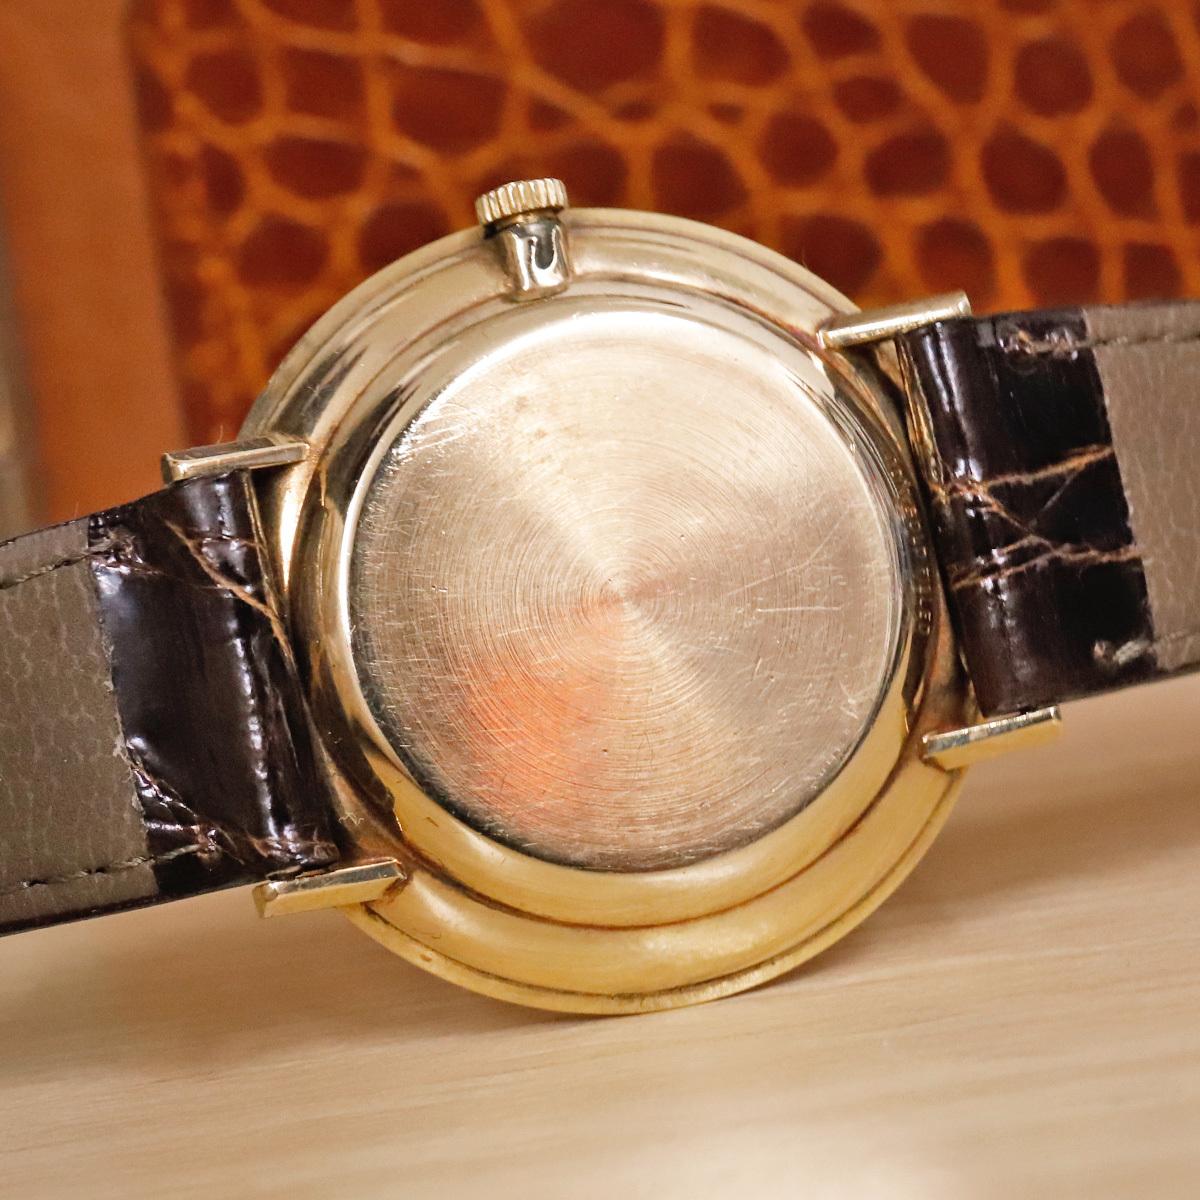 本物 オメガ 自動巻 オートマチック メンズウォッチ ゴールドケース 機械式腕時計 スイス製 正規品 OMEGA_画像7